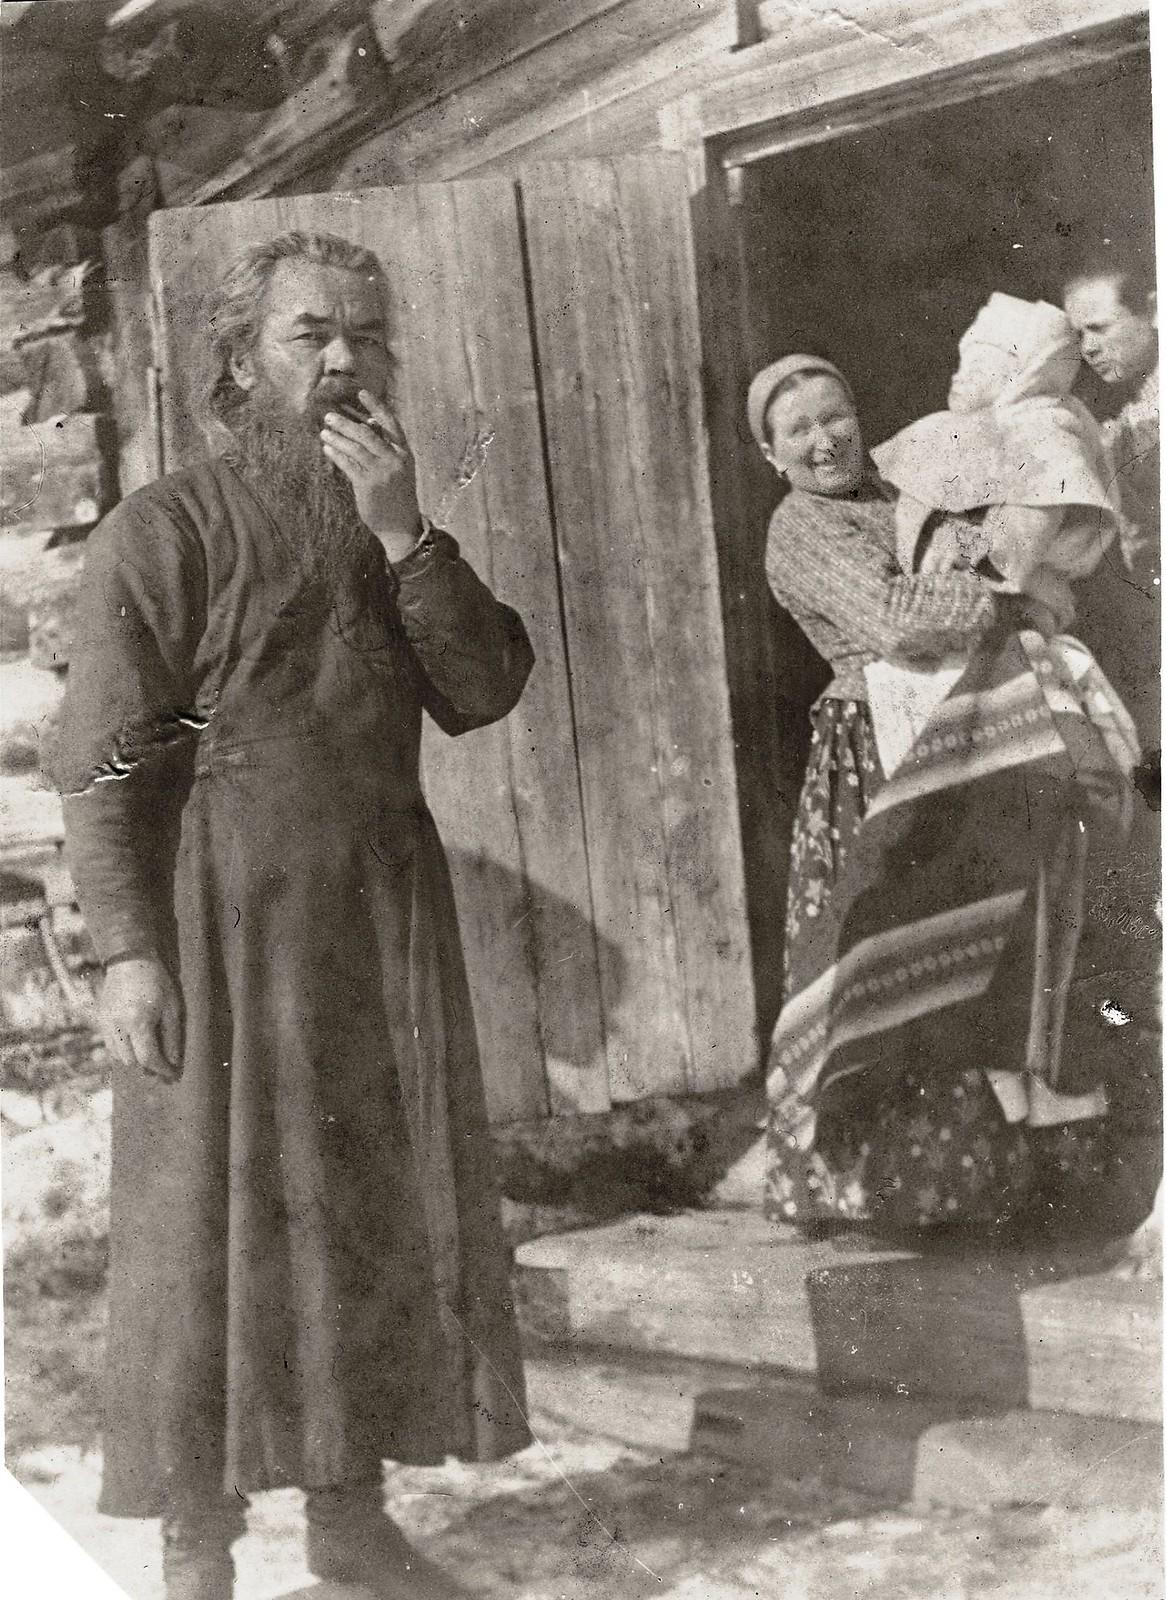 14. Священник Подгорбунский на пороге деревянного дома